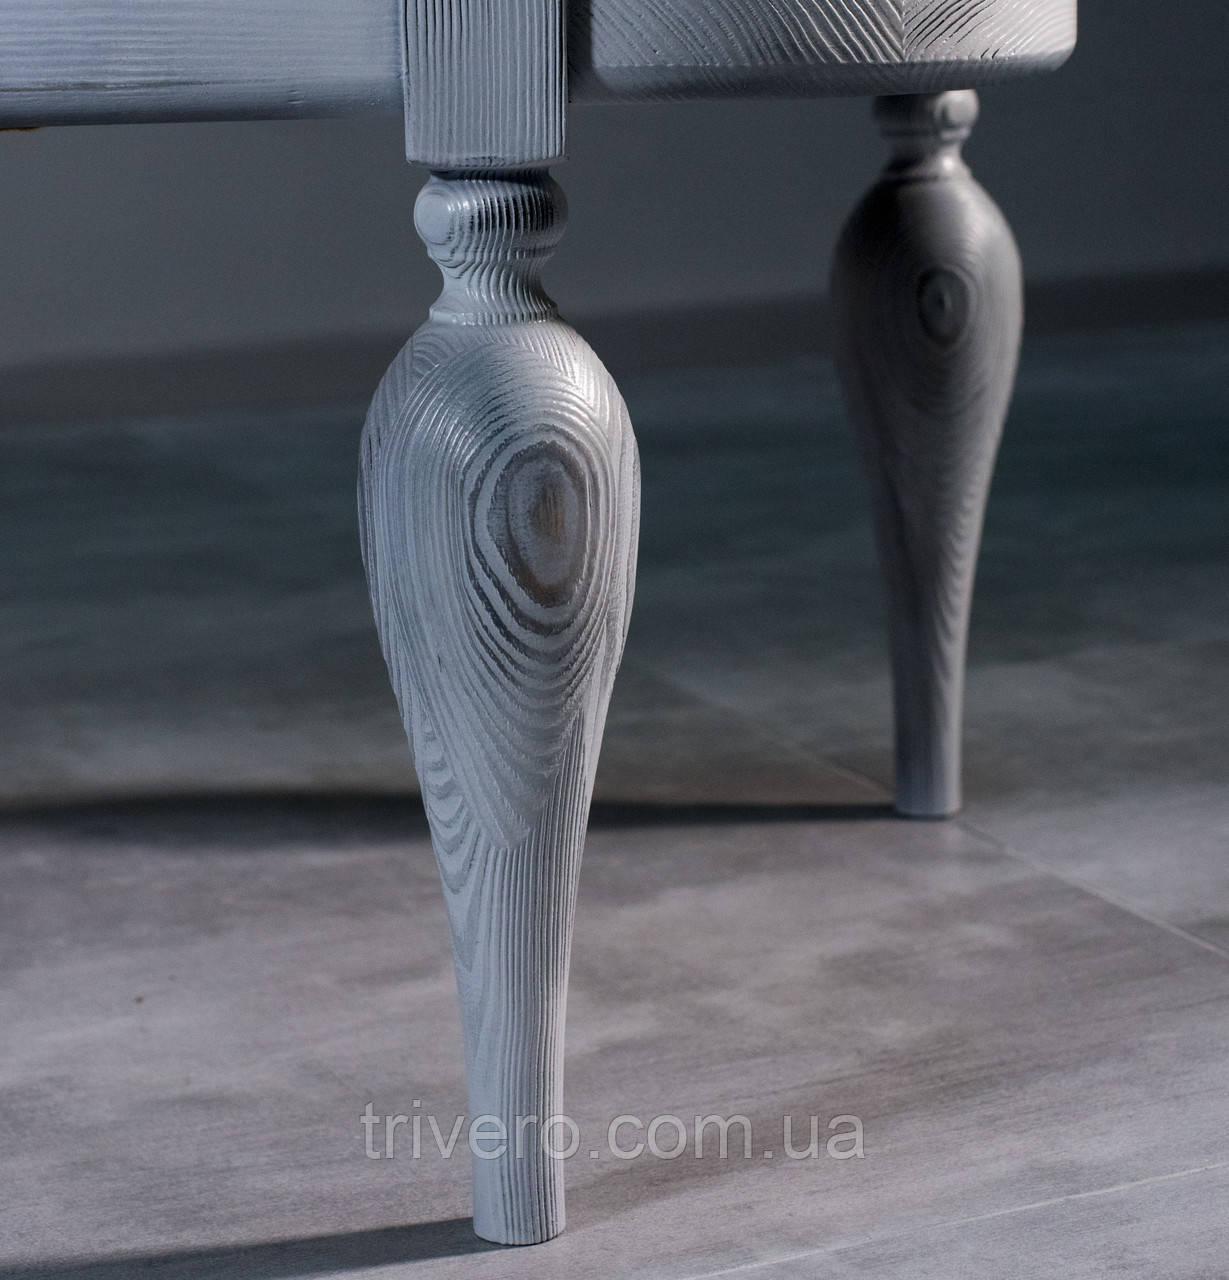 NM-21. Мебельные ножки и опоры для банкетки из дерева